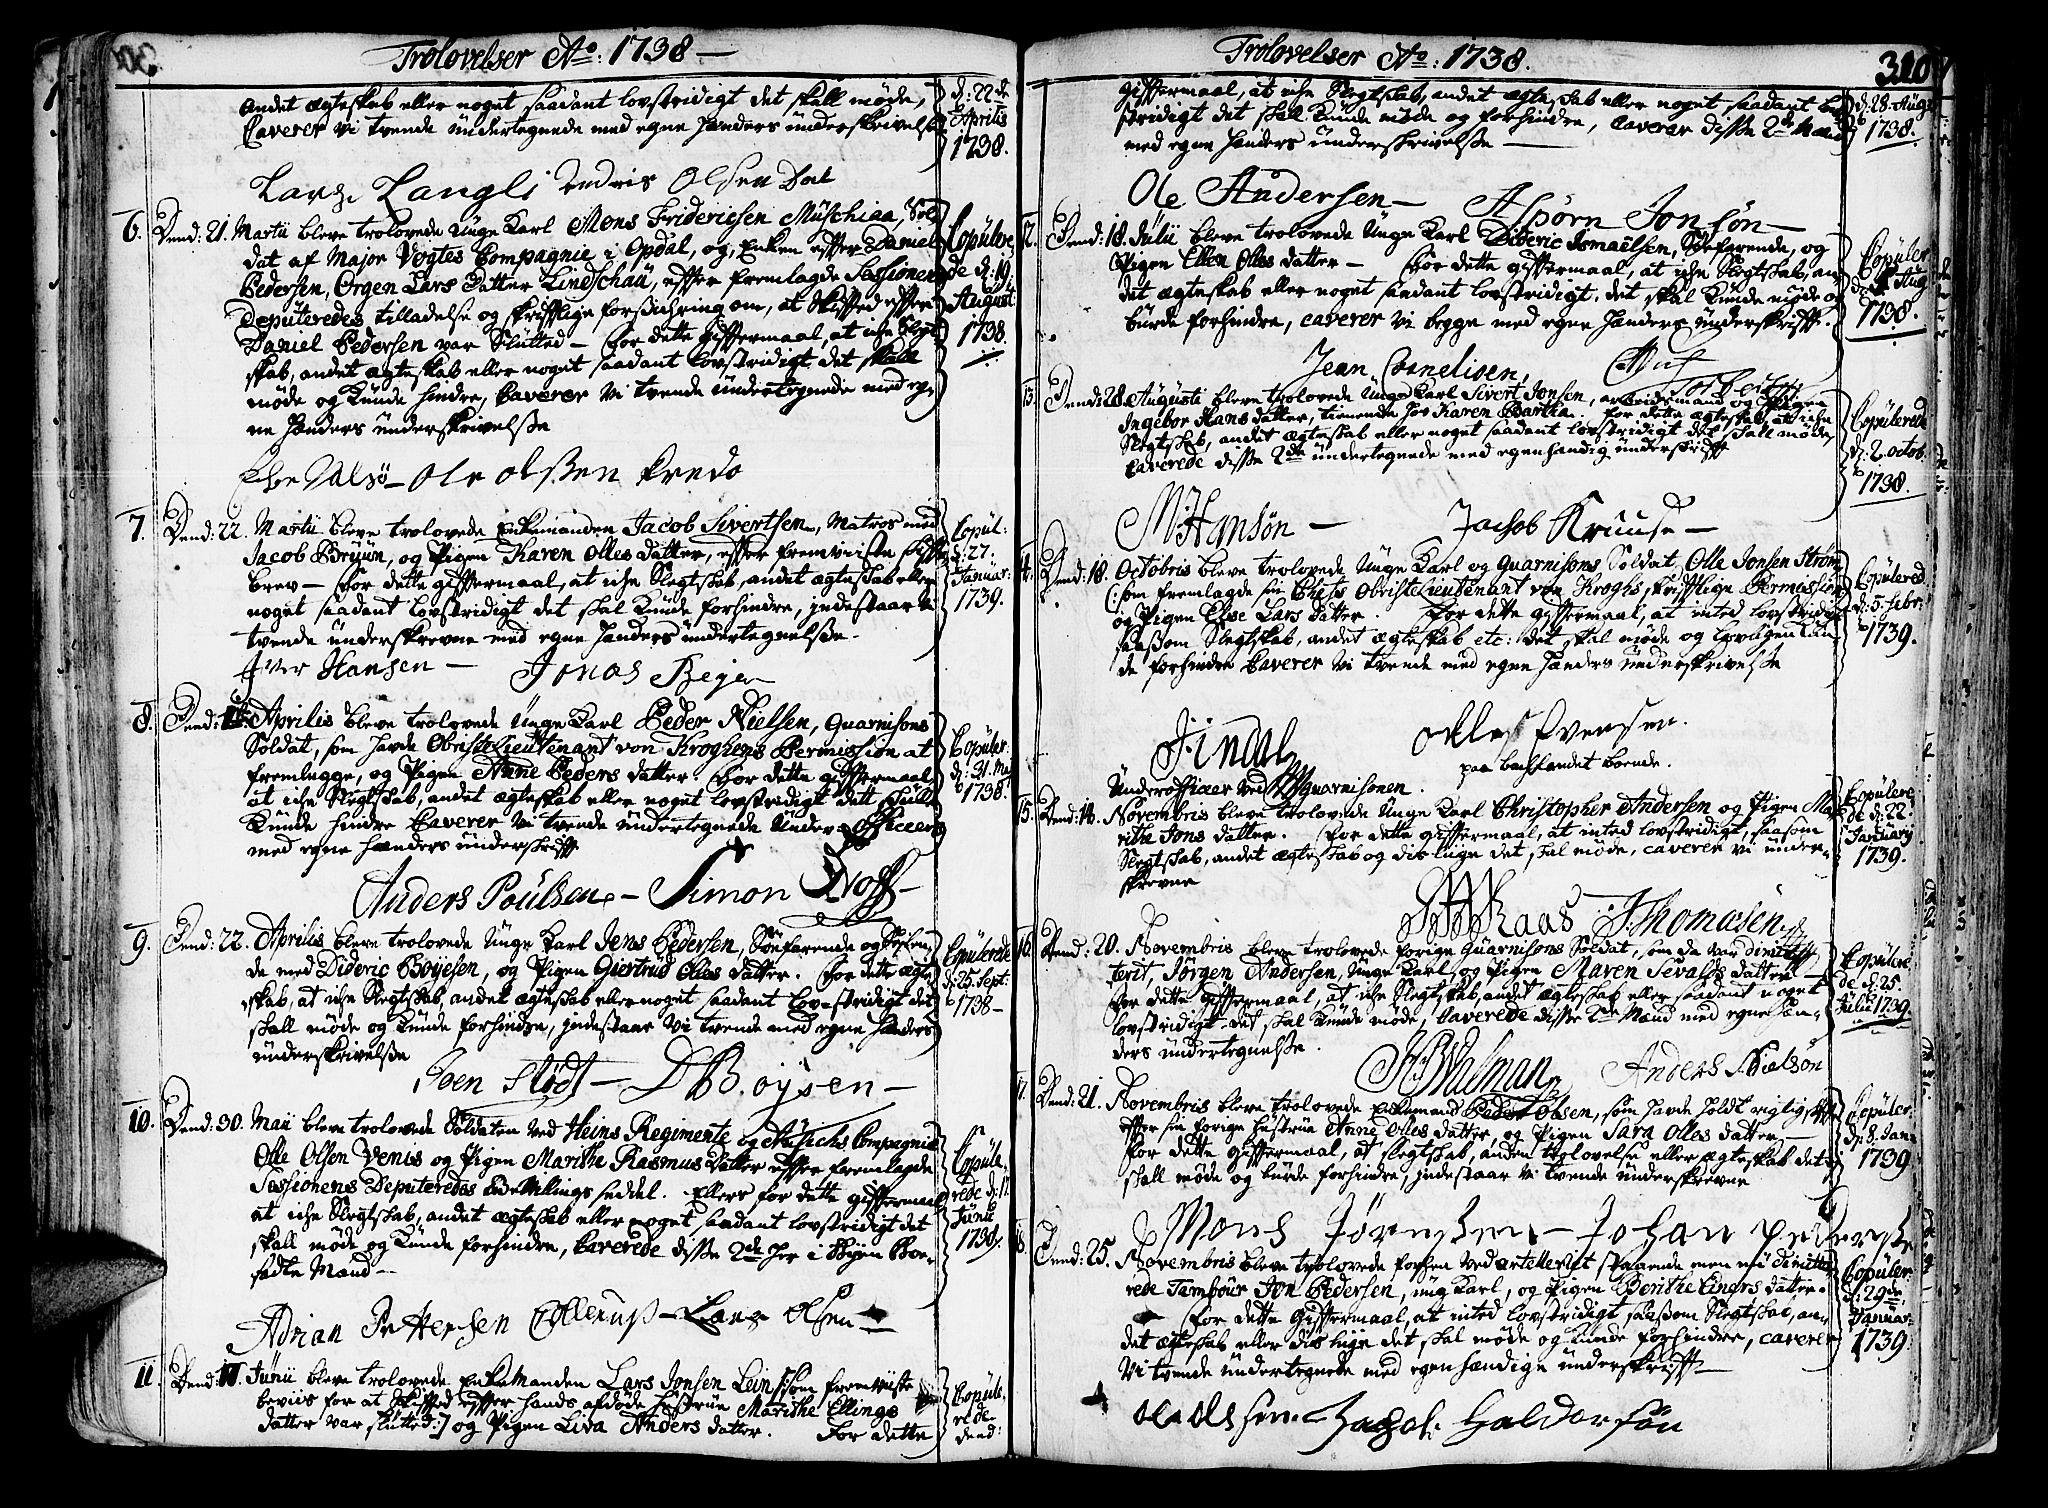 SAT, Ministerialprotokoller, klokkerbøker og fødselsregistre - Sør-Trøndelag, 602/L0103: Ministerialbok nr. 602A01, 1732-1774, s. 310